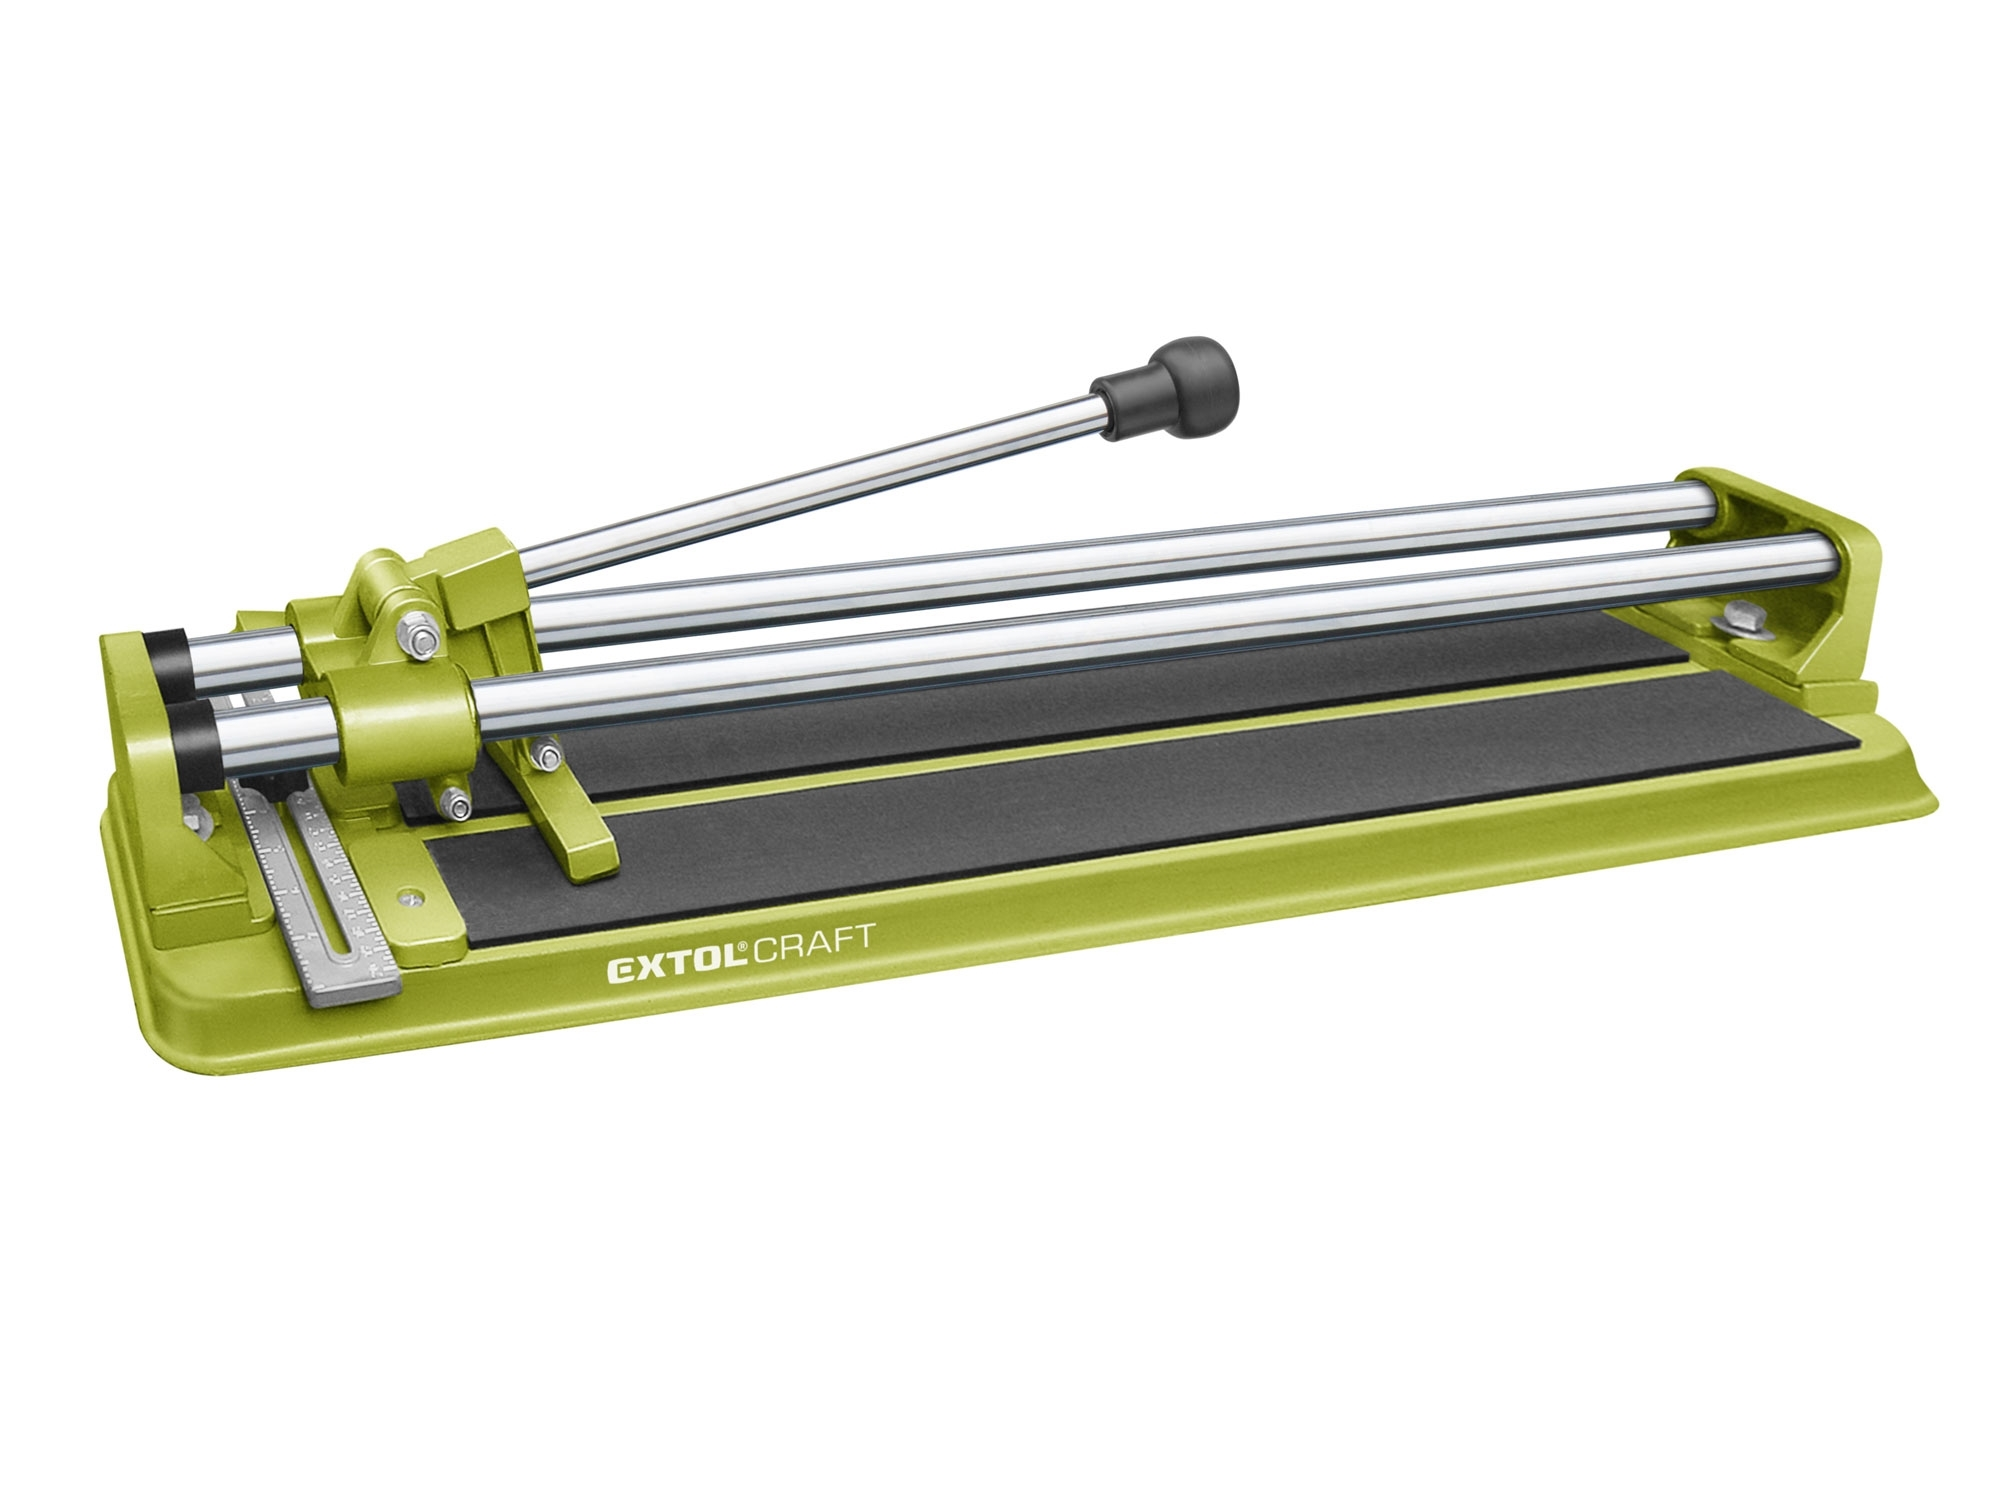 řezačka obkladaček 600mm, ložiskové uložení, 600mm